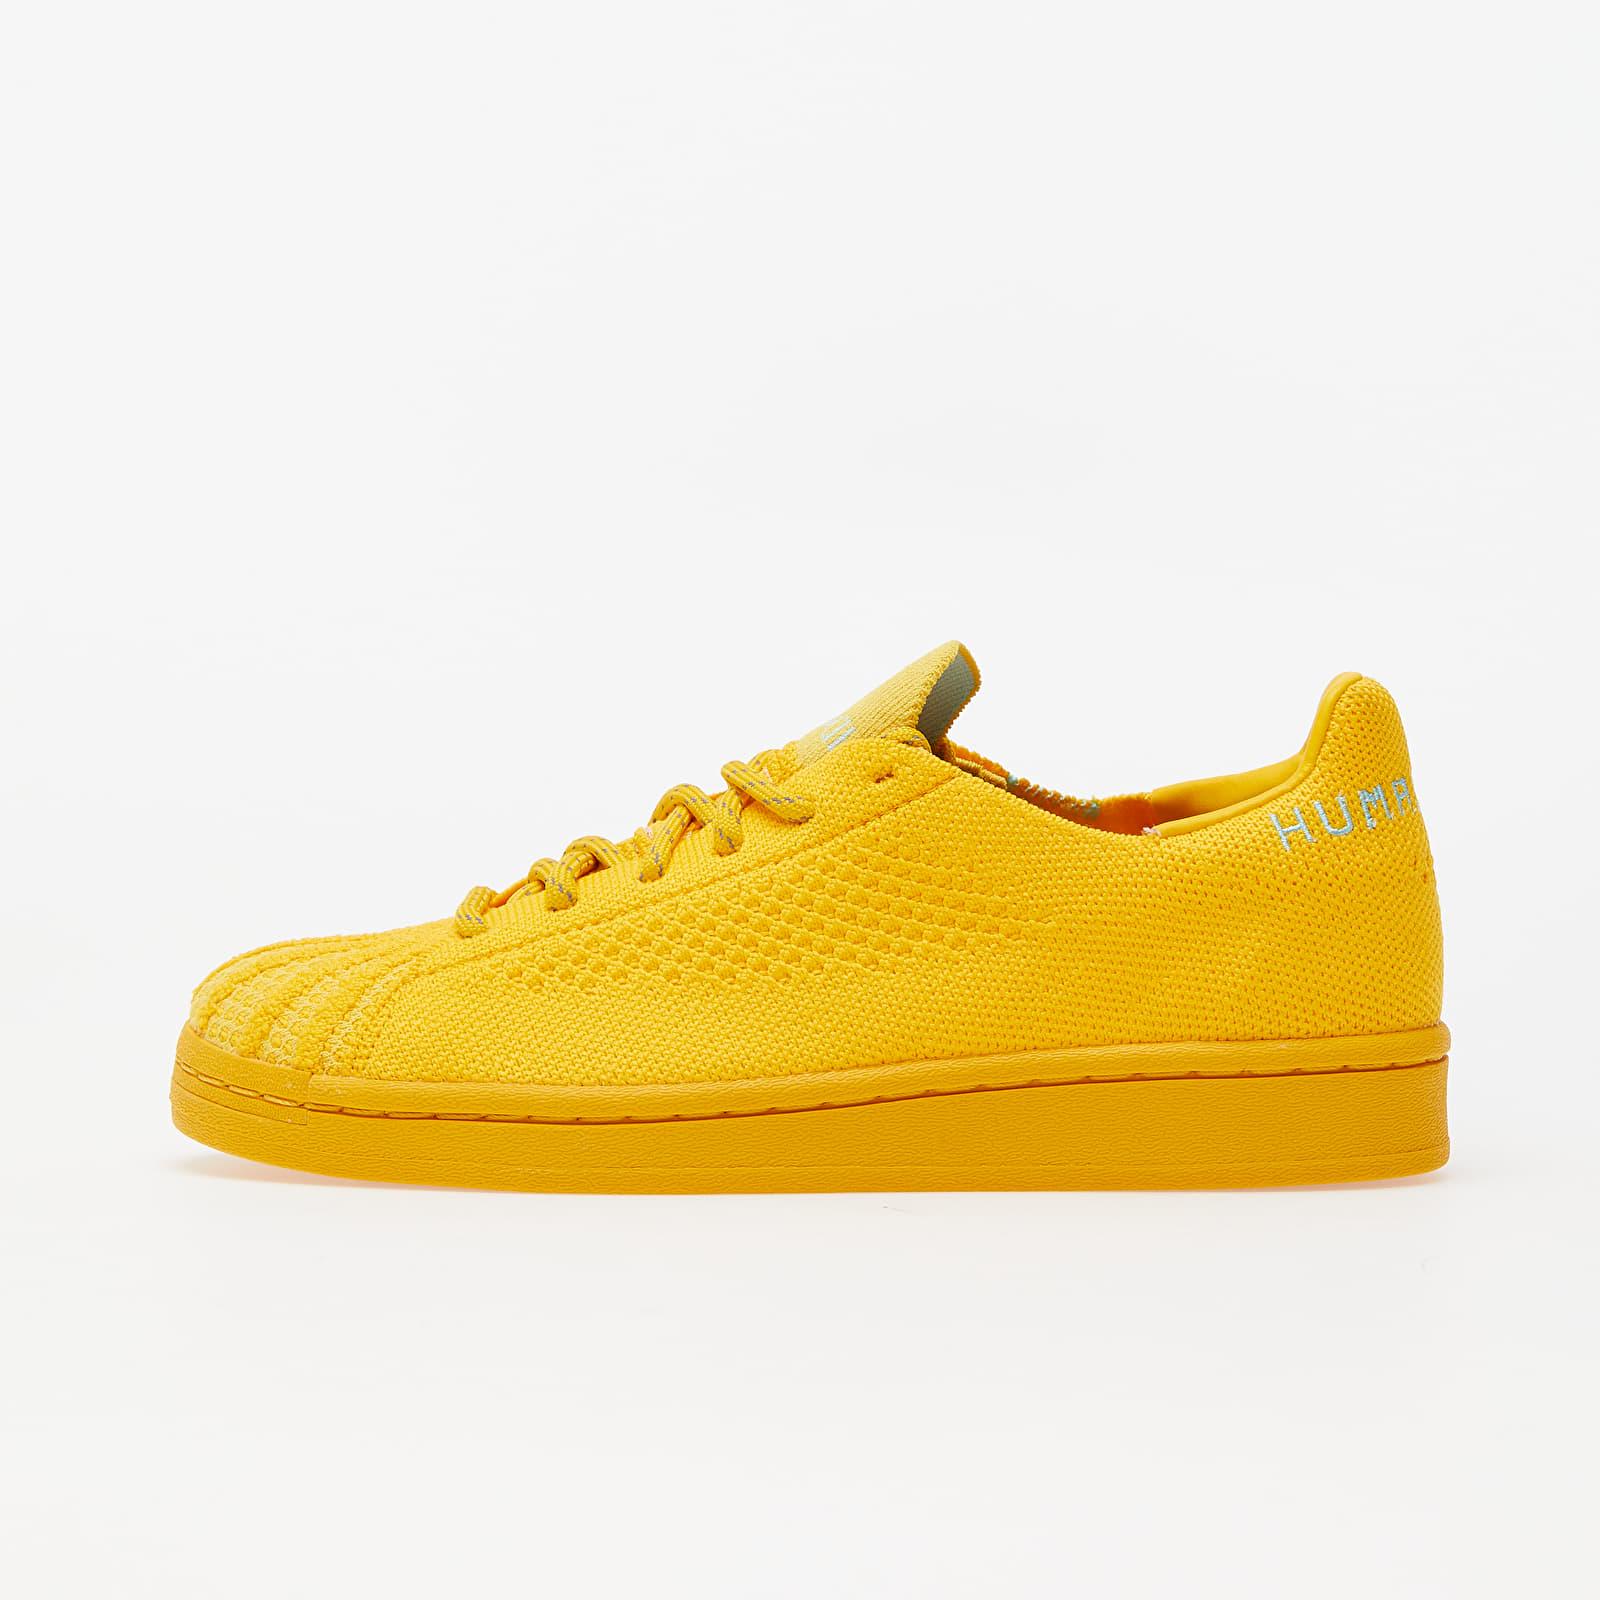 Încălțăminte și sneakerși pentru bărbați adidas Pw Superstar Pk Bold Gold/ Cardboard/ Clear Aqua